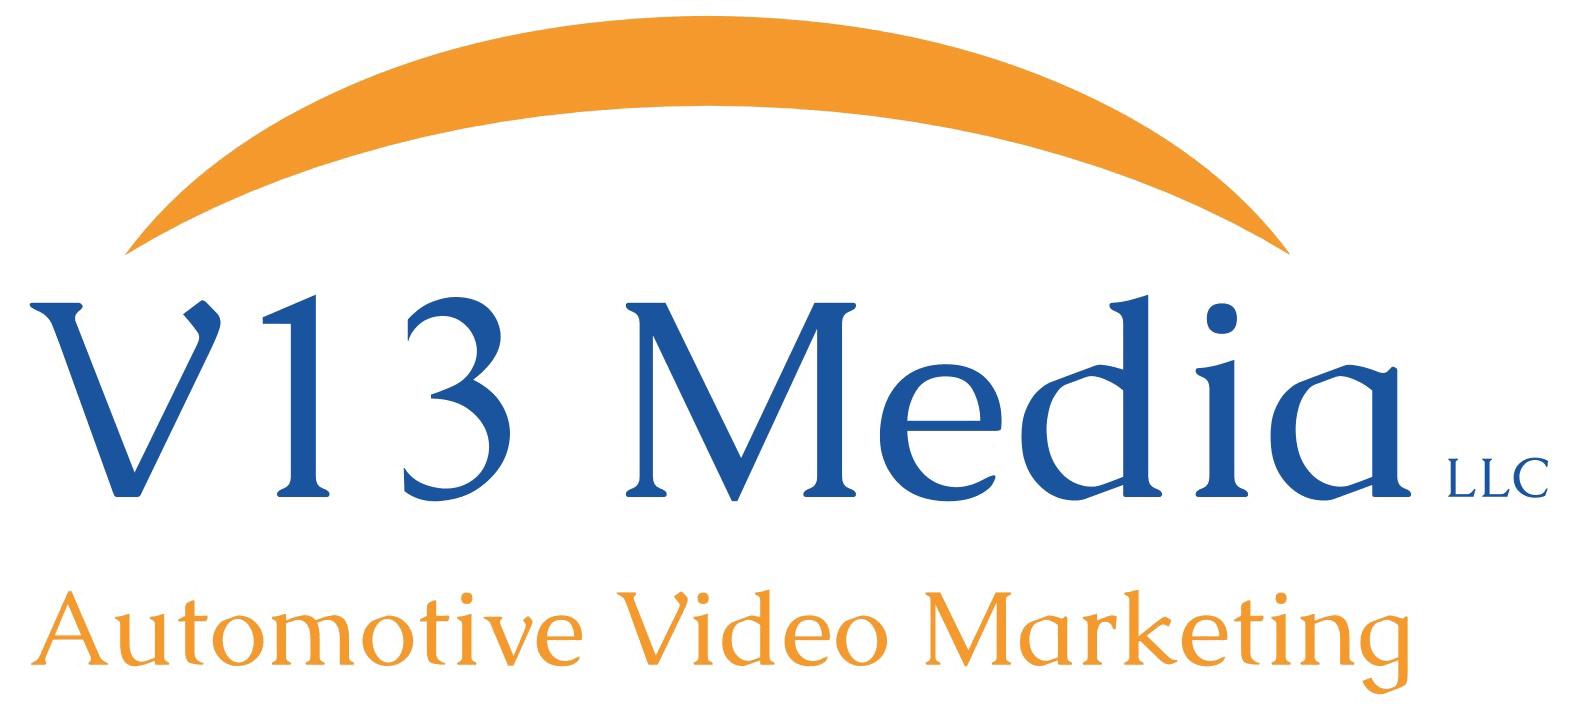 V13 Media